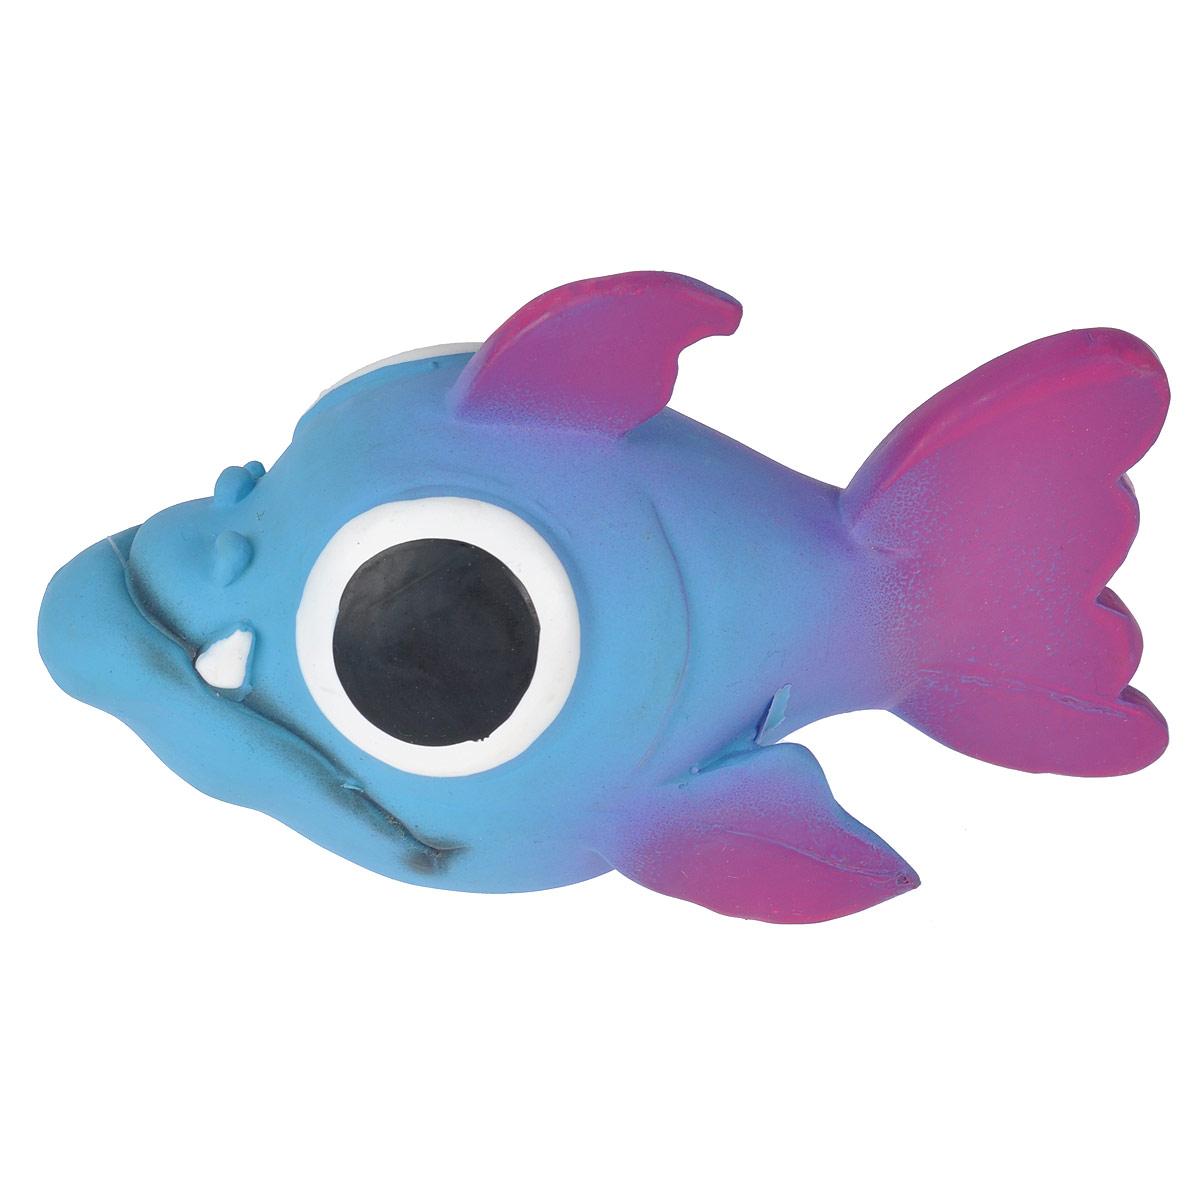 Игрушка для собак I.P.T.S. Рыбка16263/620875Игрушки для собак I.P.T.S. Рыбка изготовлена из латекса. Предназначена для игр с собаками разных возрастов. Такая игрушка привлечет внимание вашего любимца и не оставит его равнодушным. Длина: 14 см.